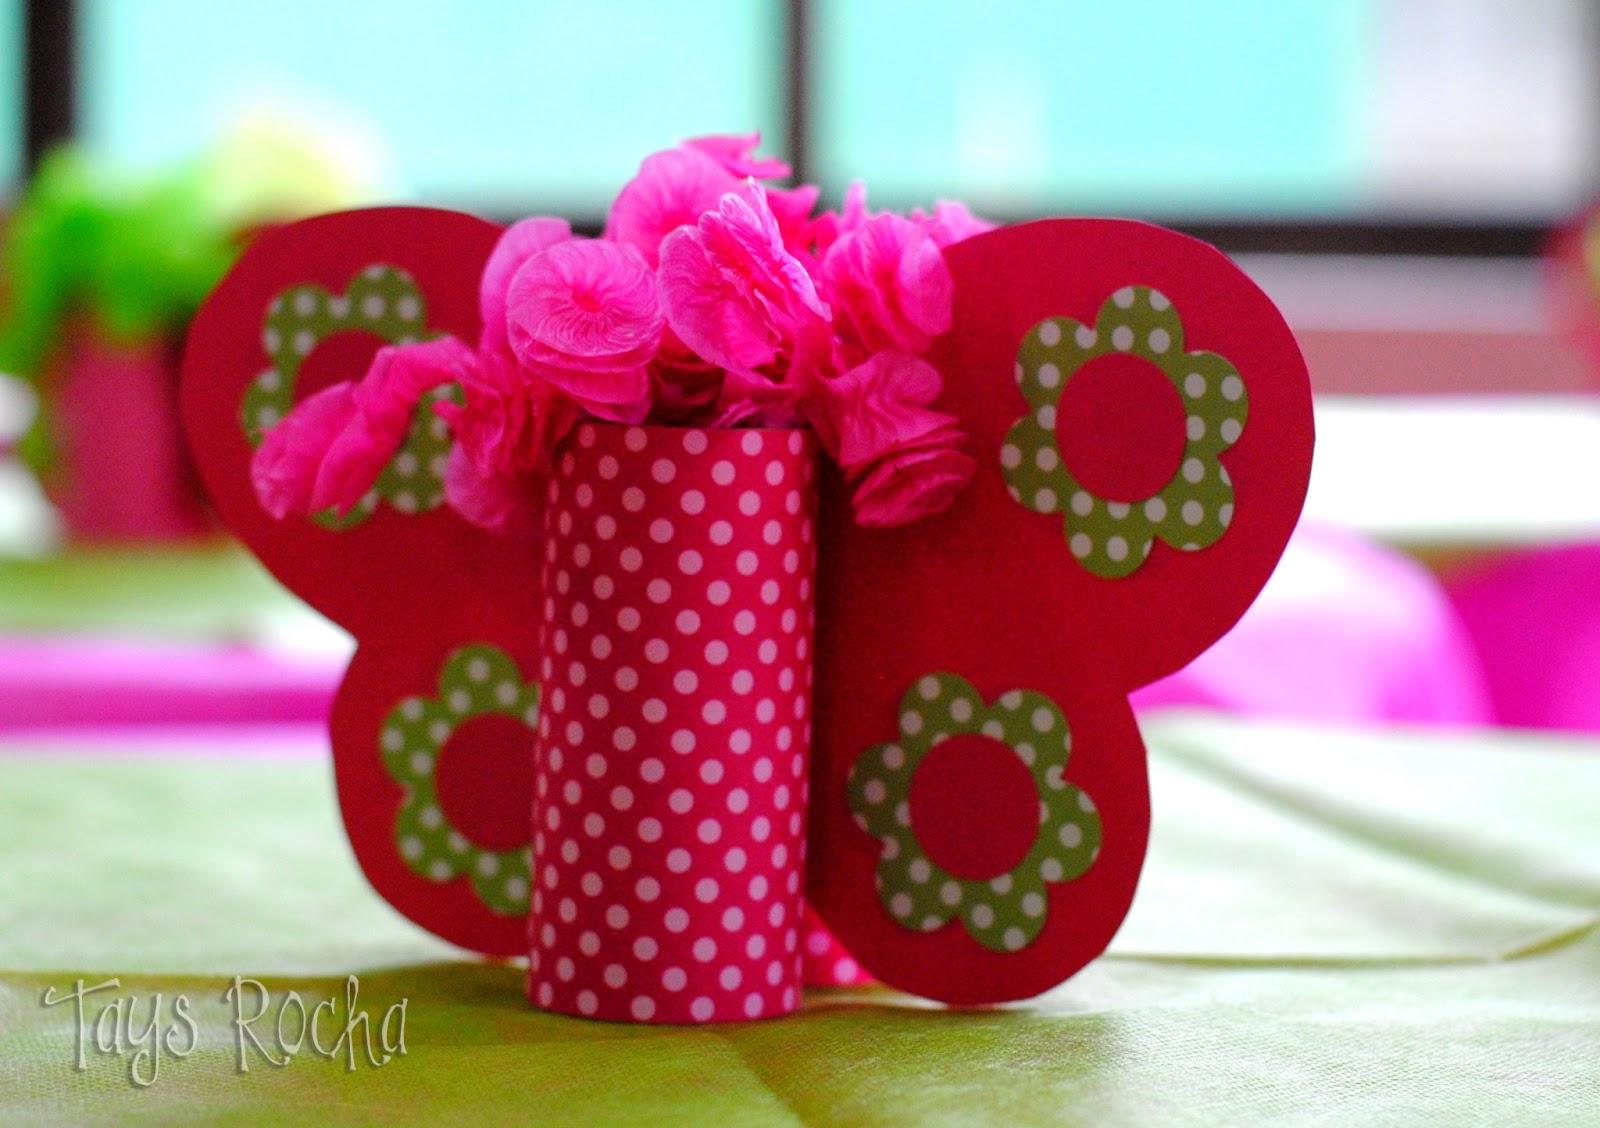 Um canto para as borboletas SAPO Lifestyle - Imagens De Jardins Com Flores E Borboletas